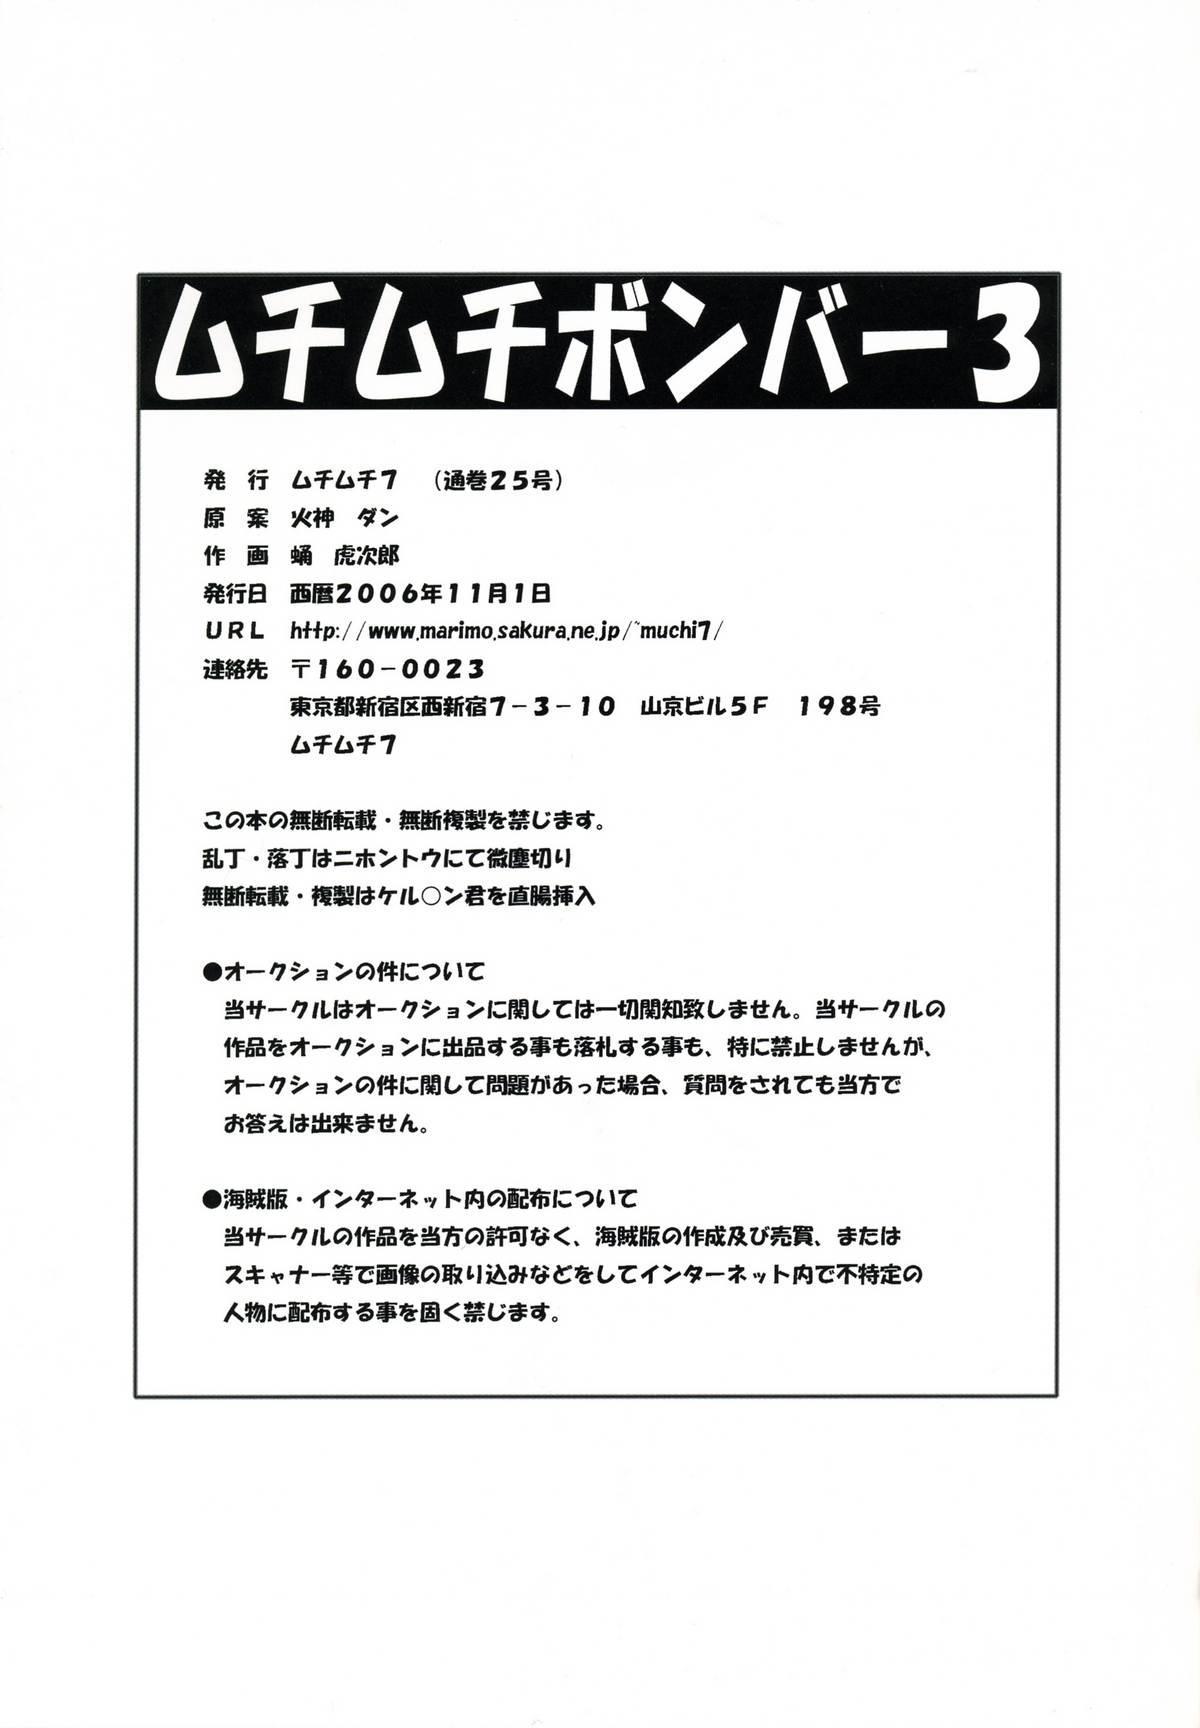 [Muchi Muchi 7] Muchi Muchi Bomber 3 (Queen's Blade) Hi-res 18